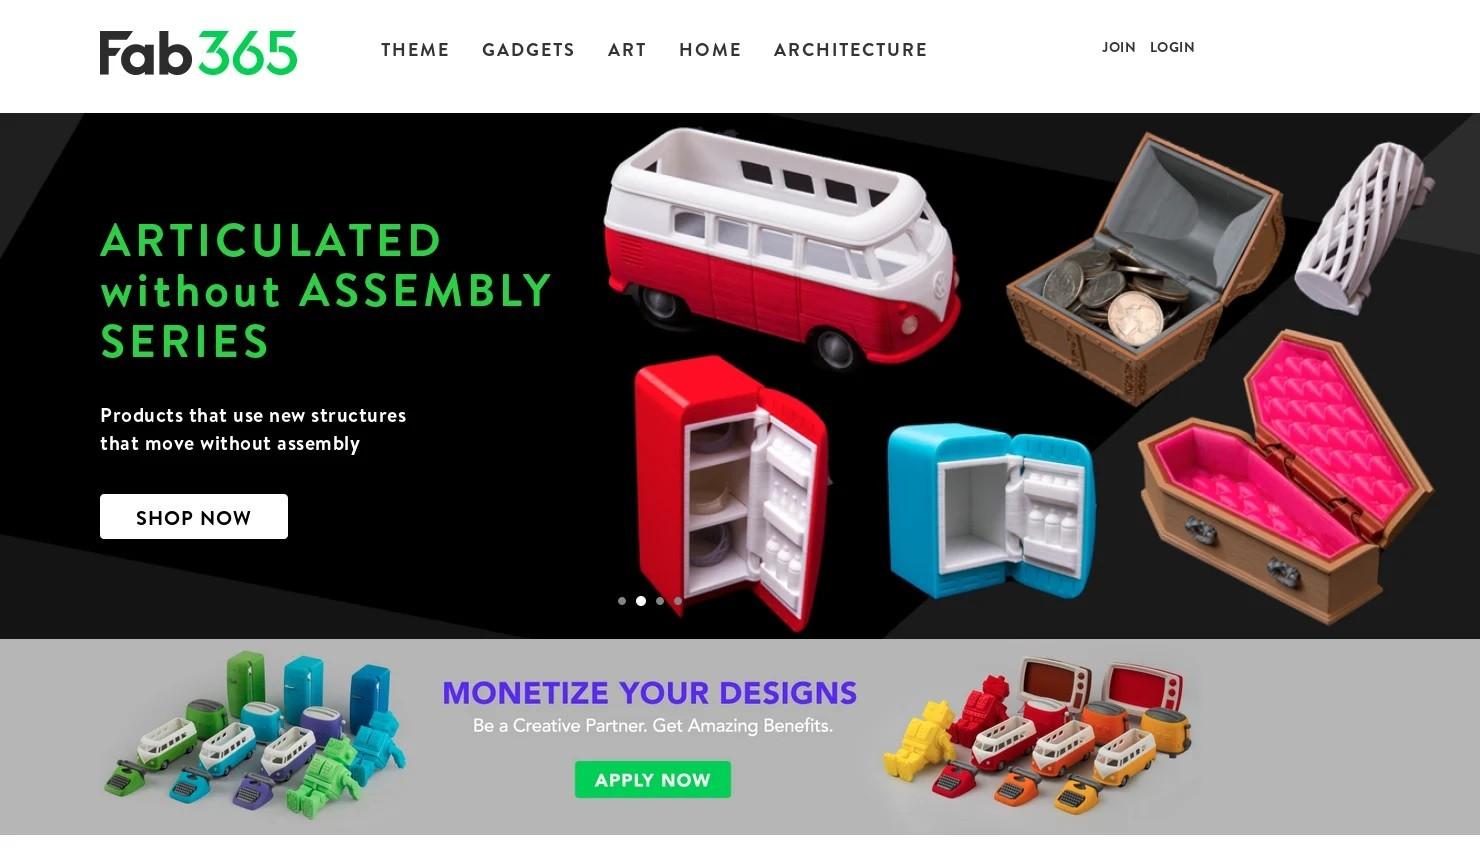 Бесплатные файлы STL, 3D-модели, файлы для 3D-принтера, 3D-модели для 3D-печати: Fab365